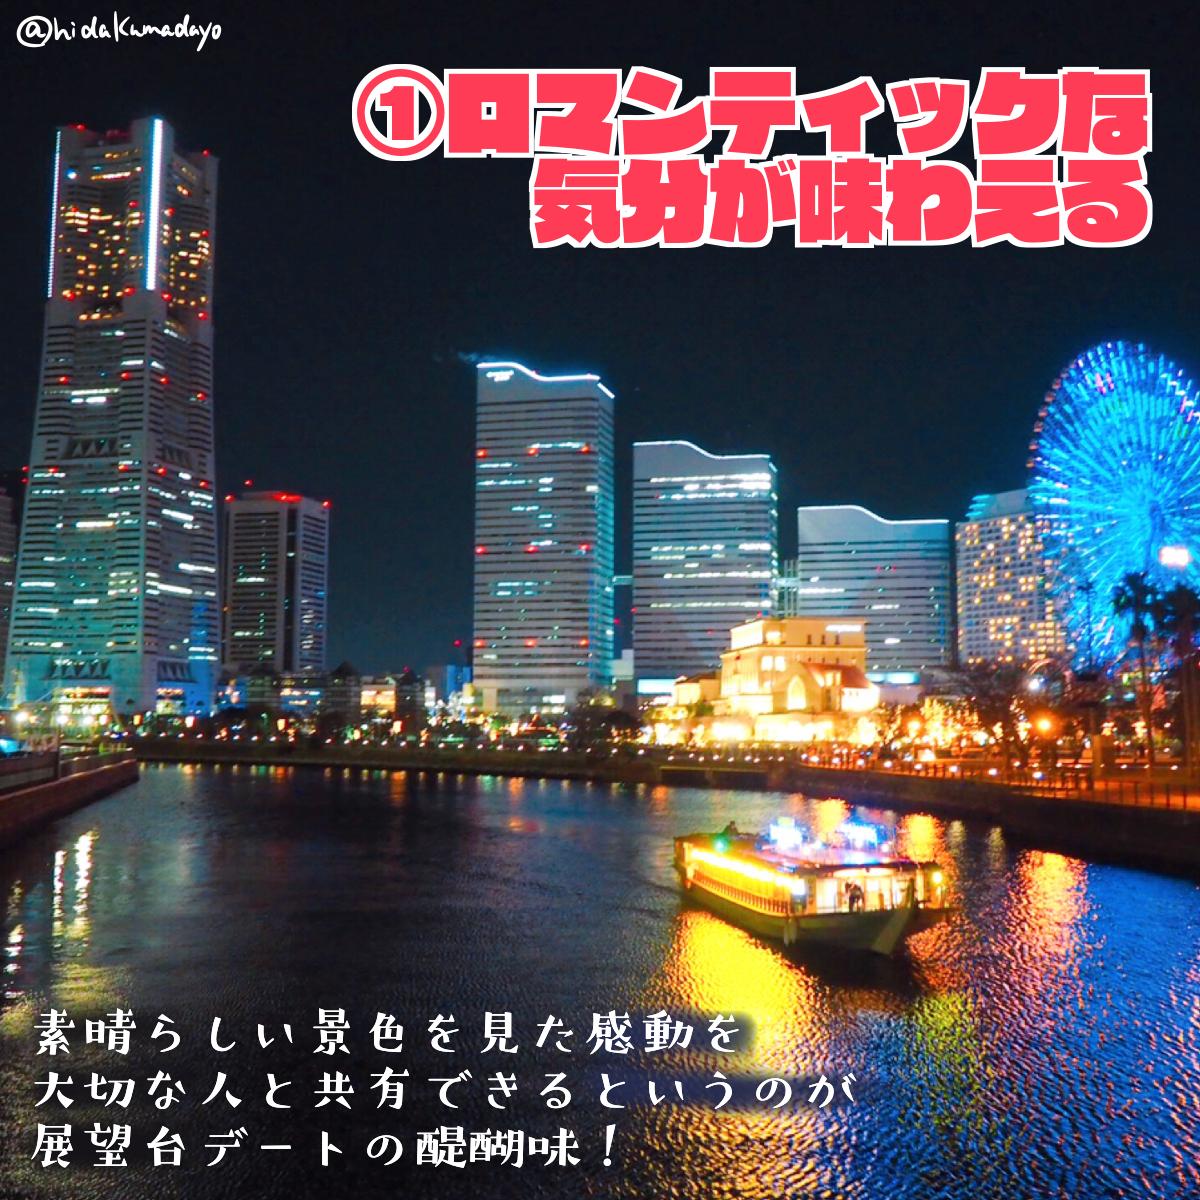 f:id:hidakumadayo:20190329231237p:plain